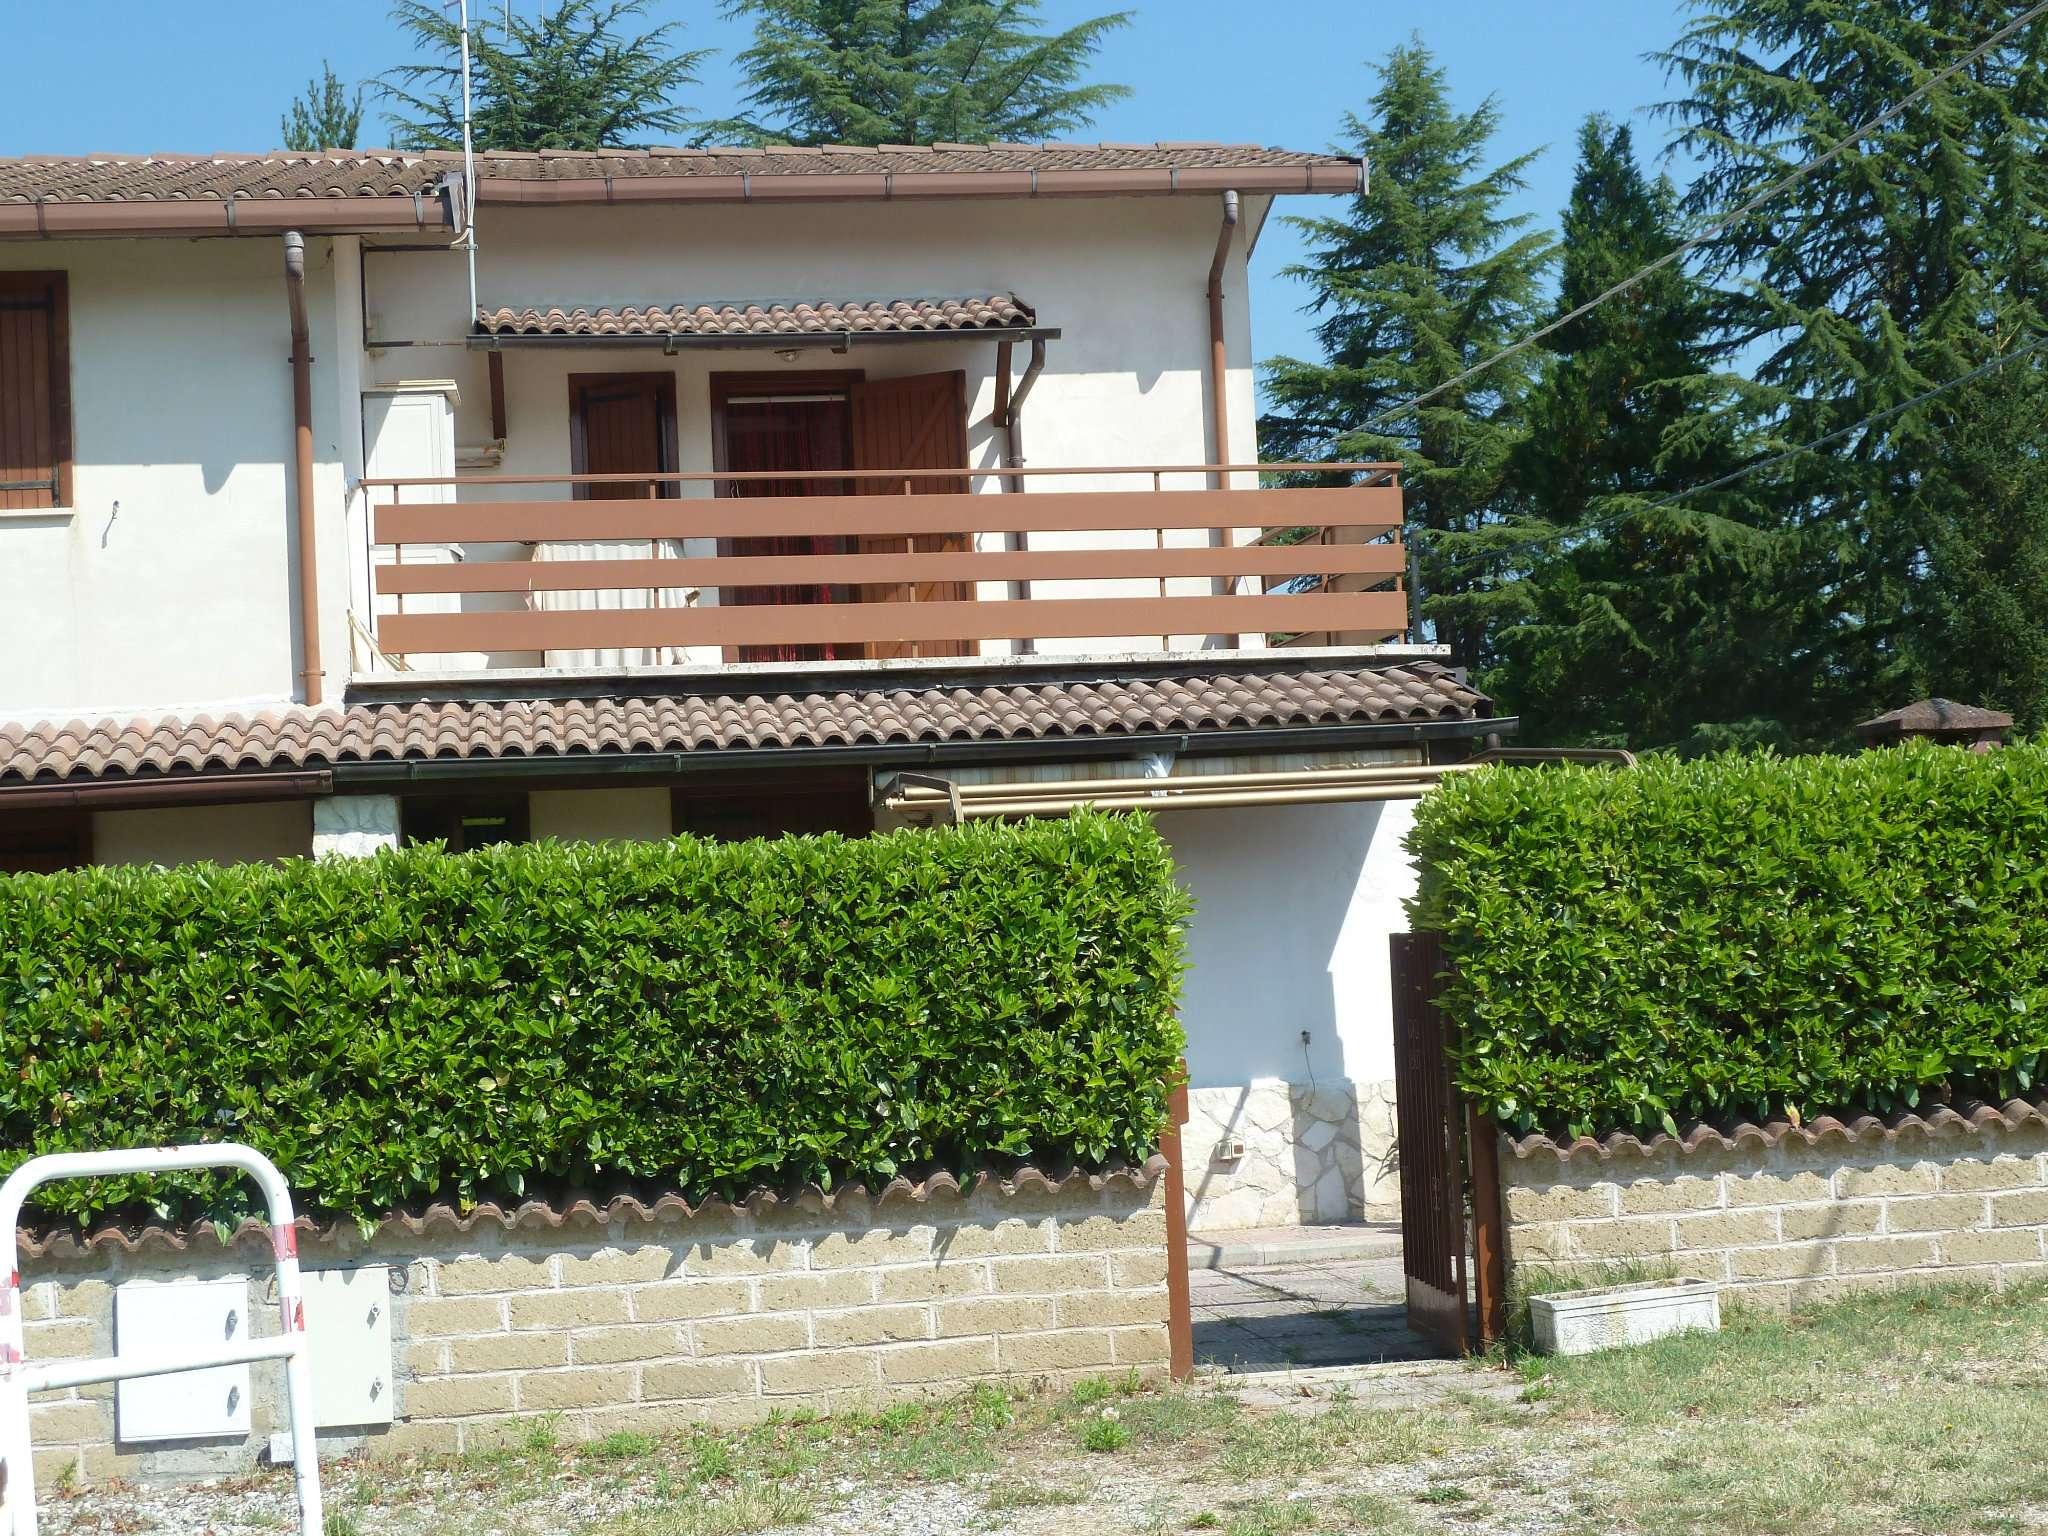 Bilocale Rocca di Botte Via Giacomo Matteotti 3